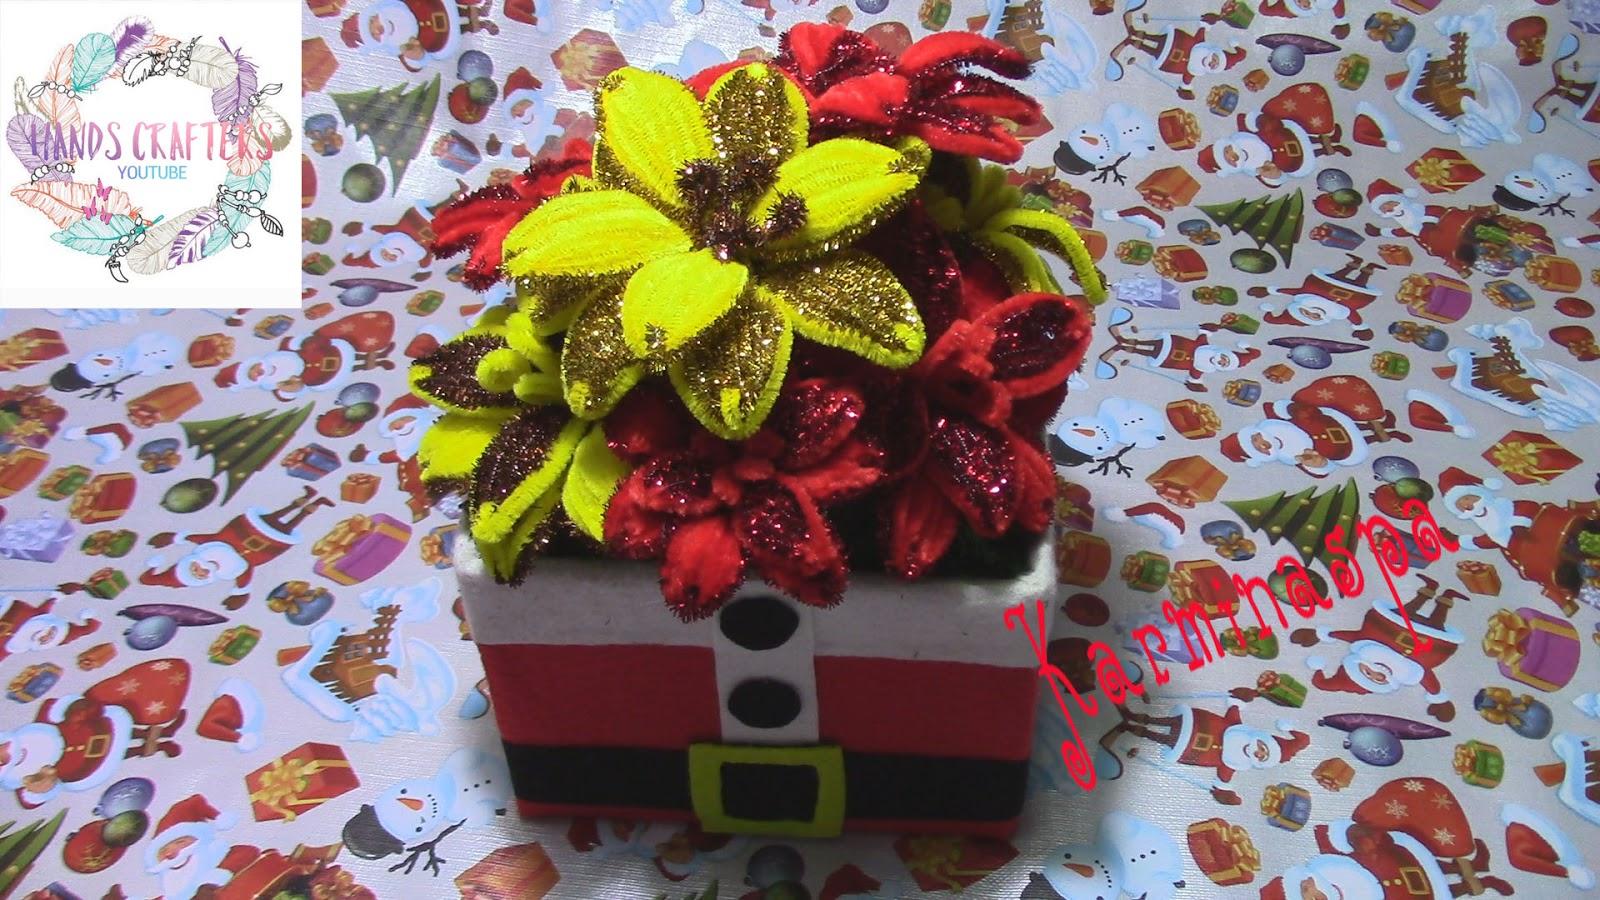 Diy y manualidades f ciles para decorar en navidad como hacer centro de mesa papa noel - Manualidades para decorar en navidad ...